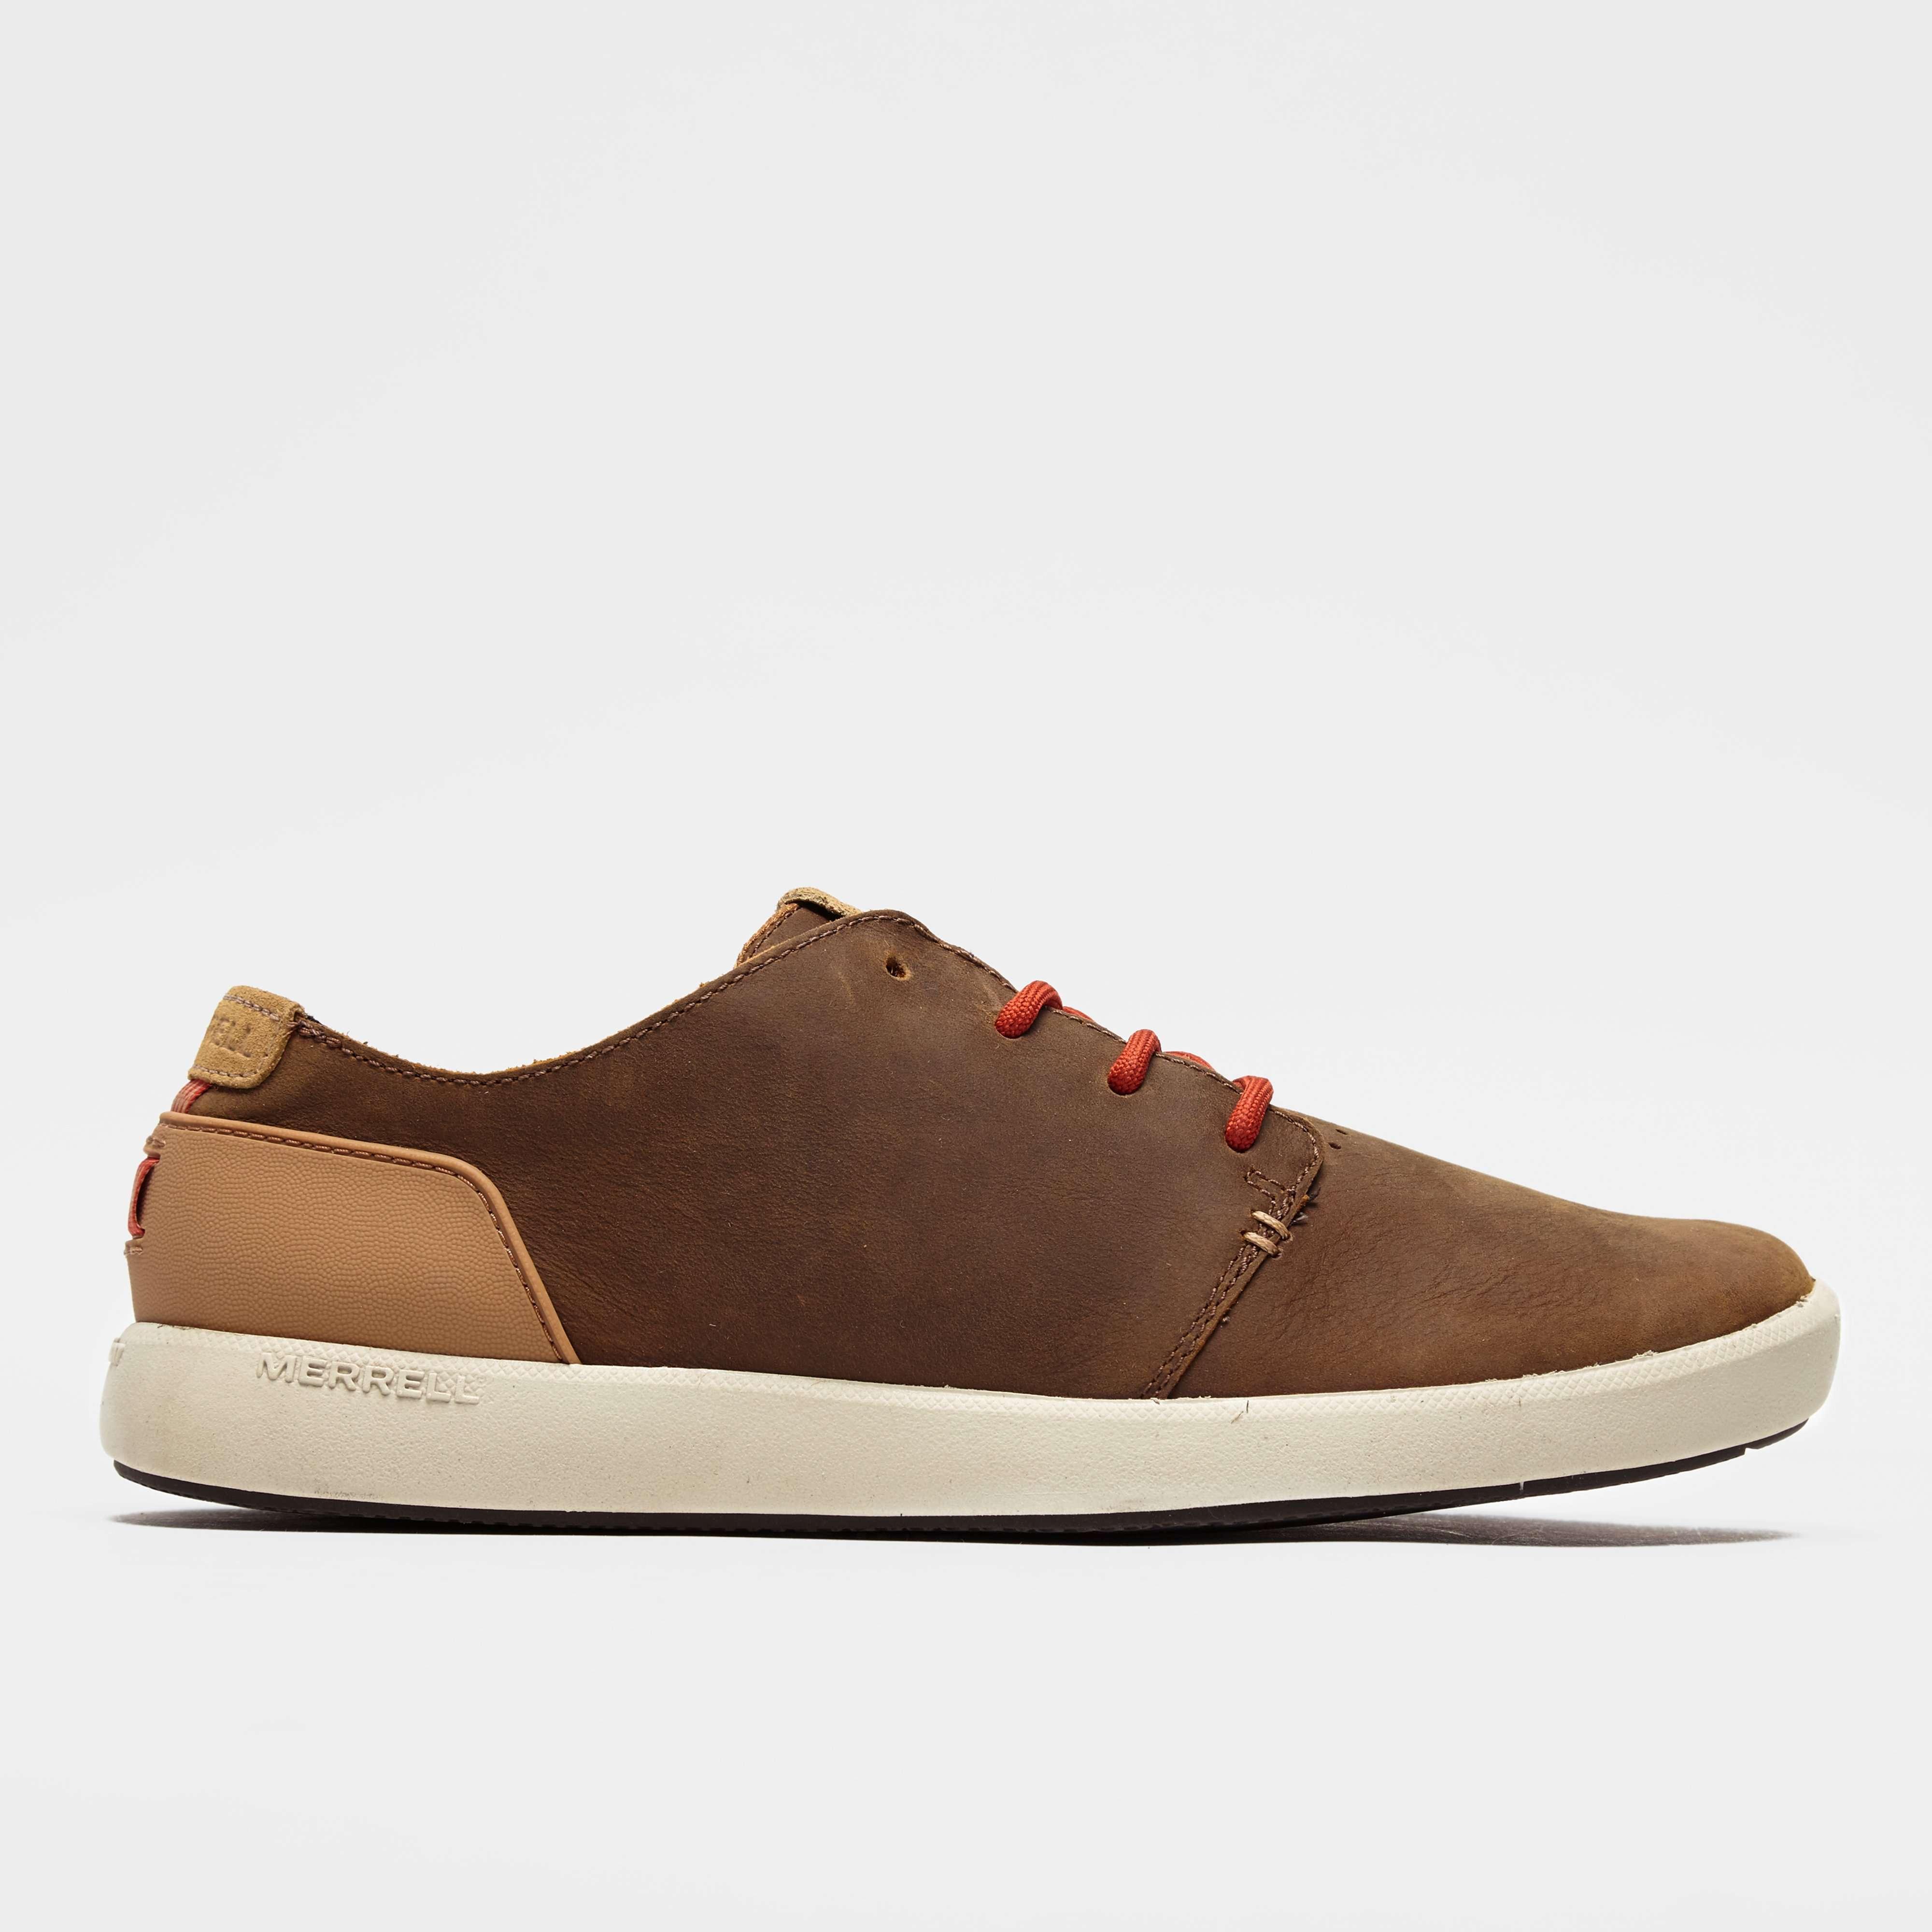 MERRELL Freewheel Lace-up Shoe